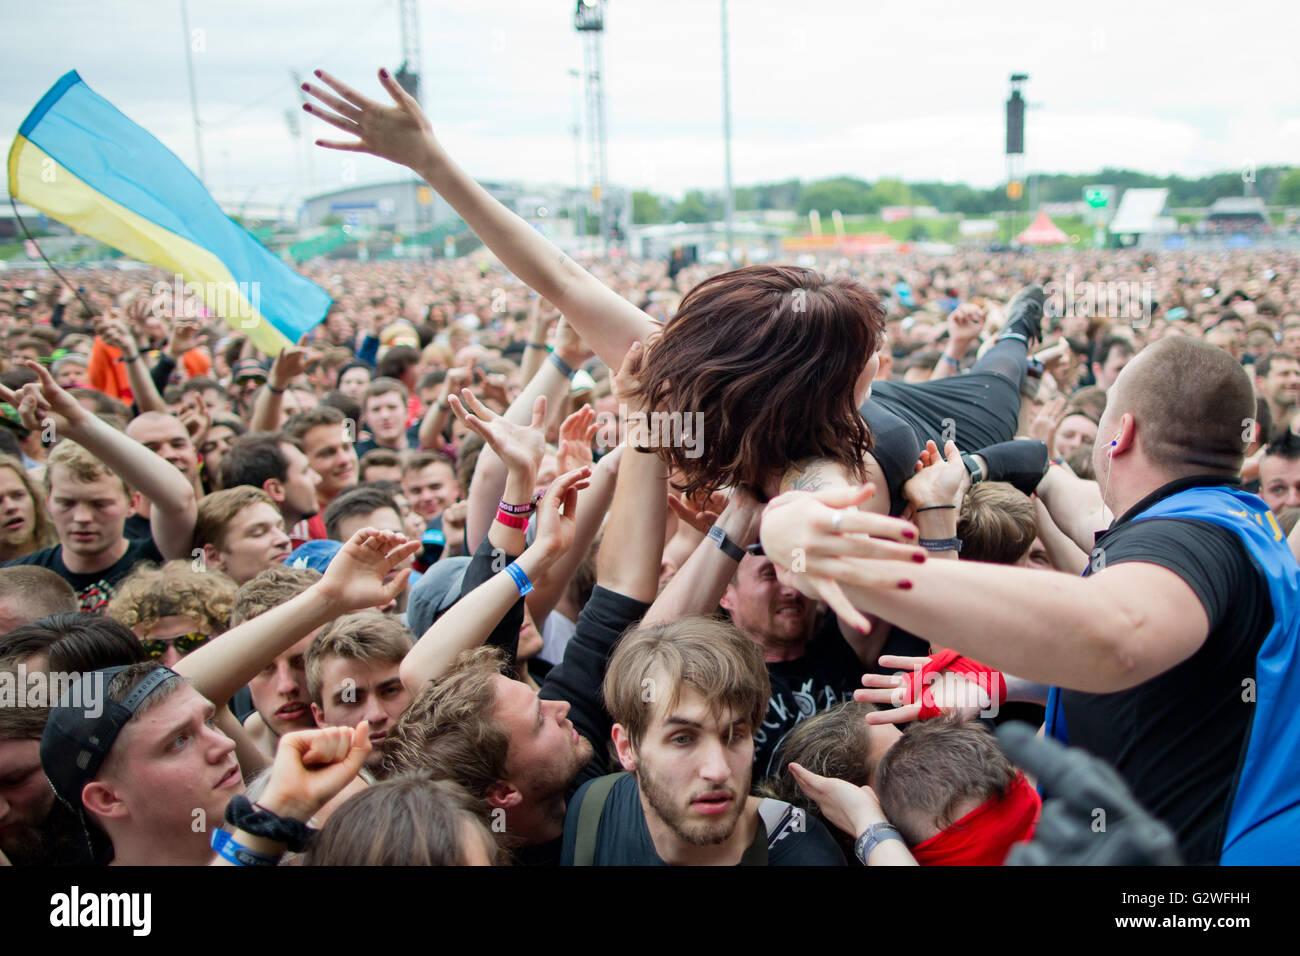 """Nuremberg, Alemania. 03Rd Junio, 2016. Una mujer crowdsurfs durante un concierto en el Festival de Música """"Rock Imagen De Stock"""